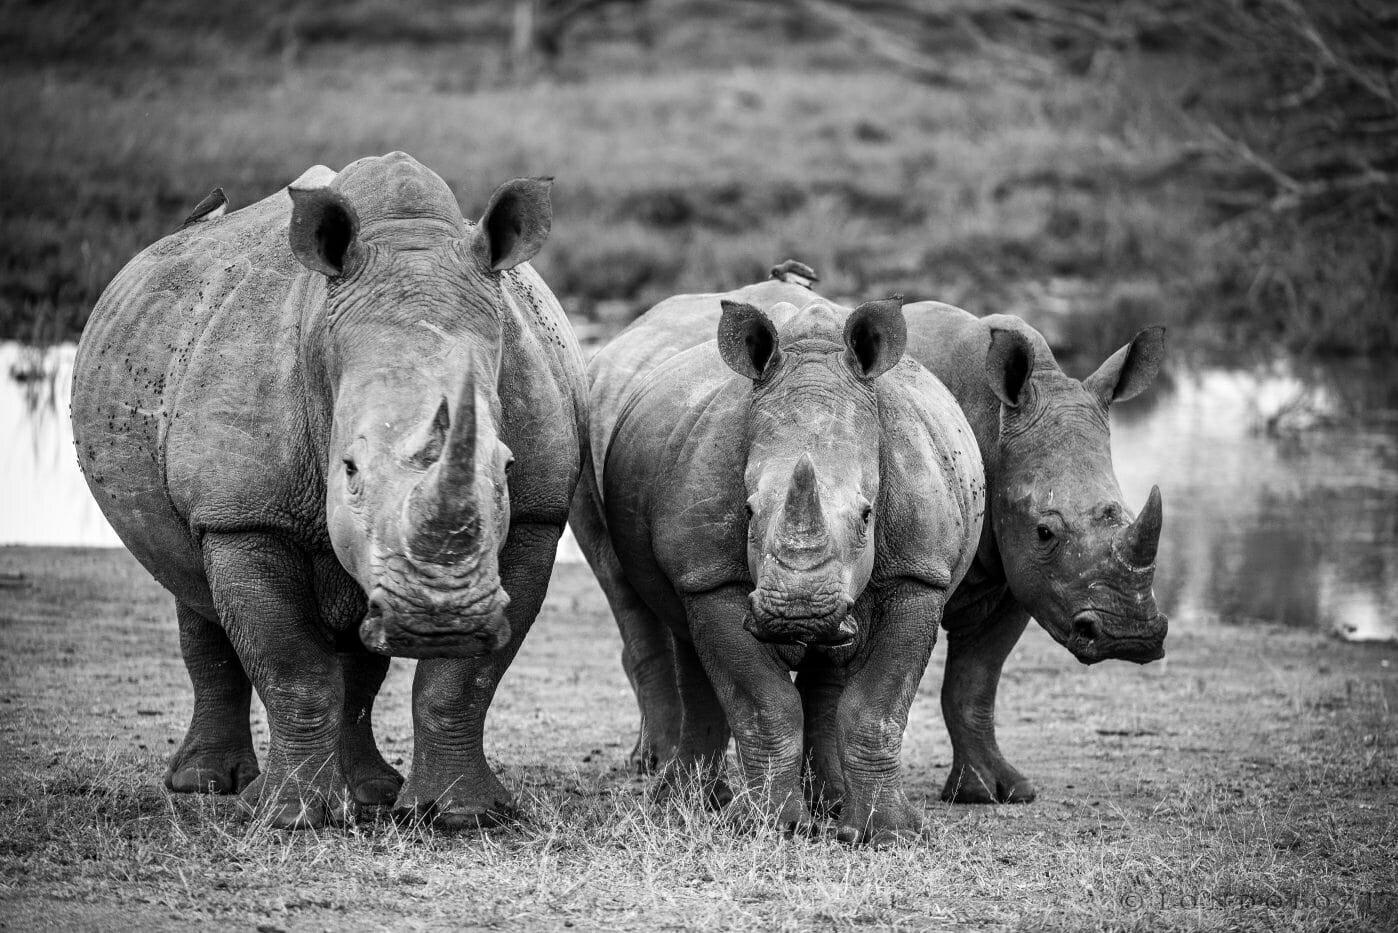 Rhinos Bw A Ritchie 1